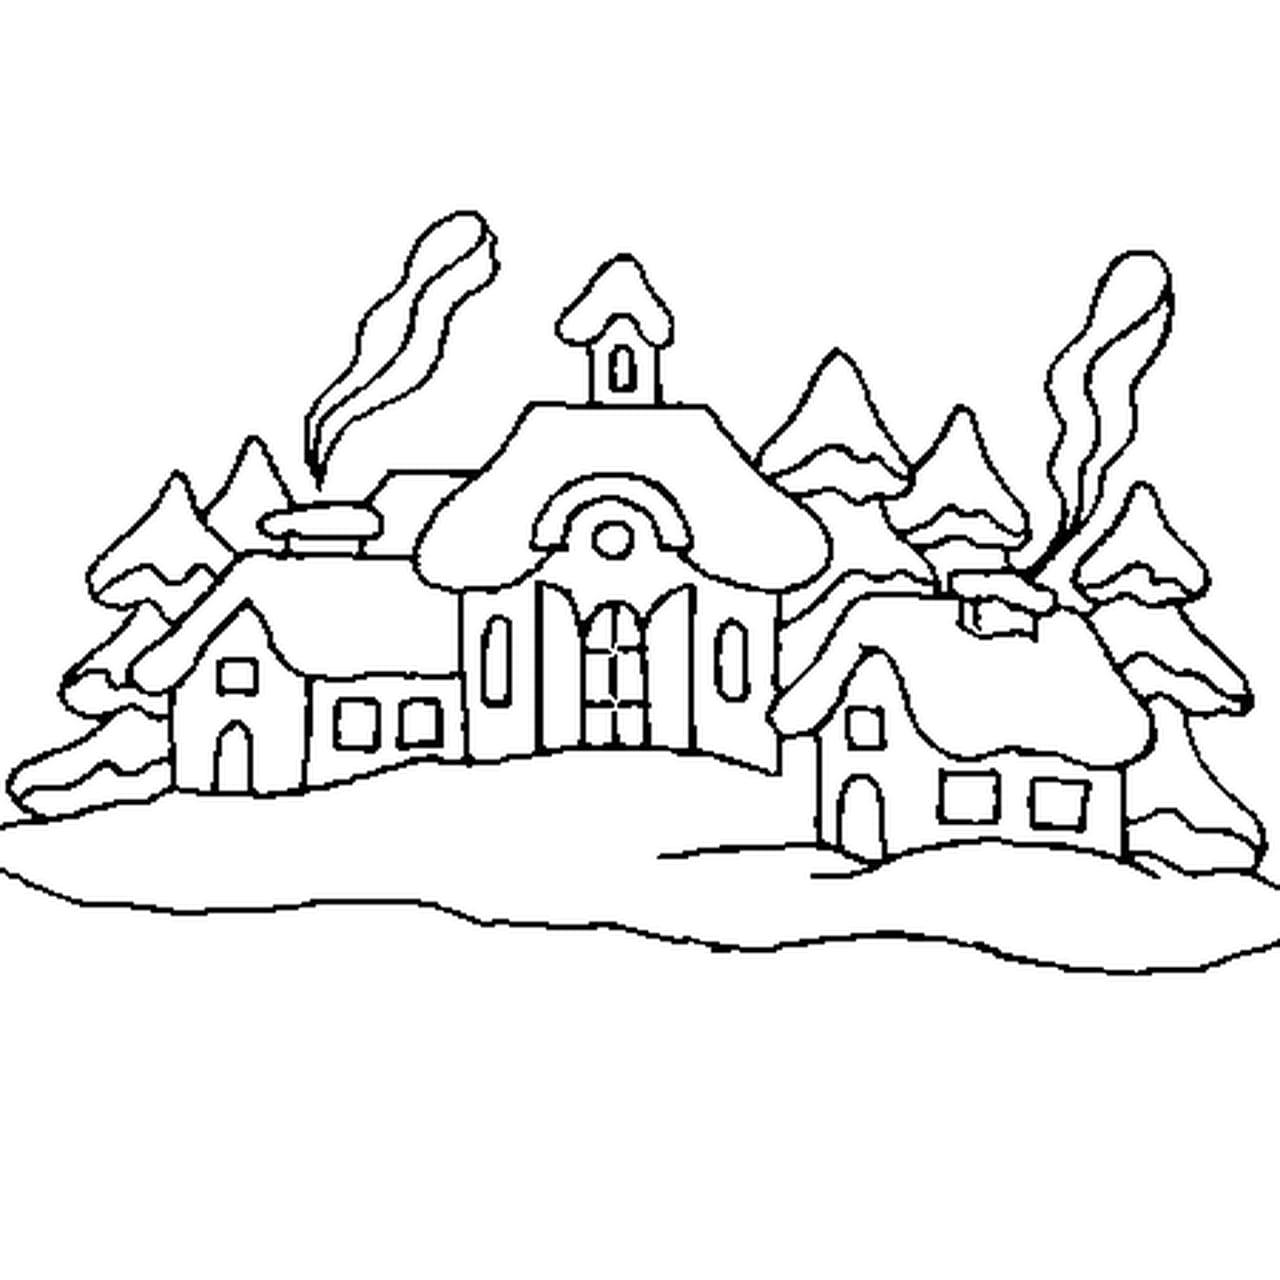 Coloriage village de noël en ligne gratuit à imprimer